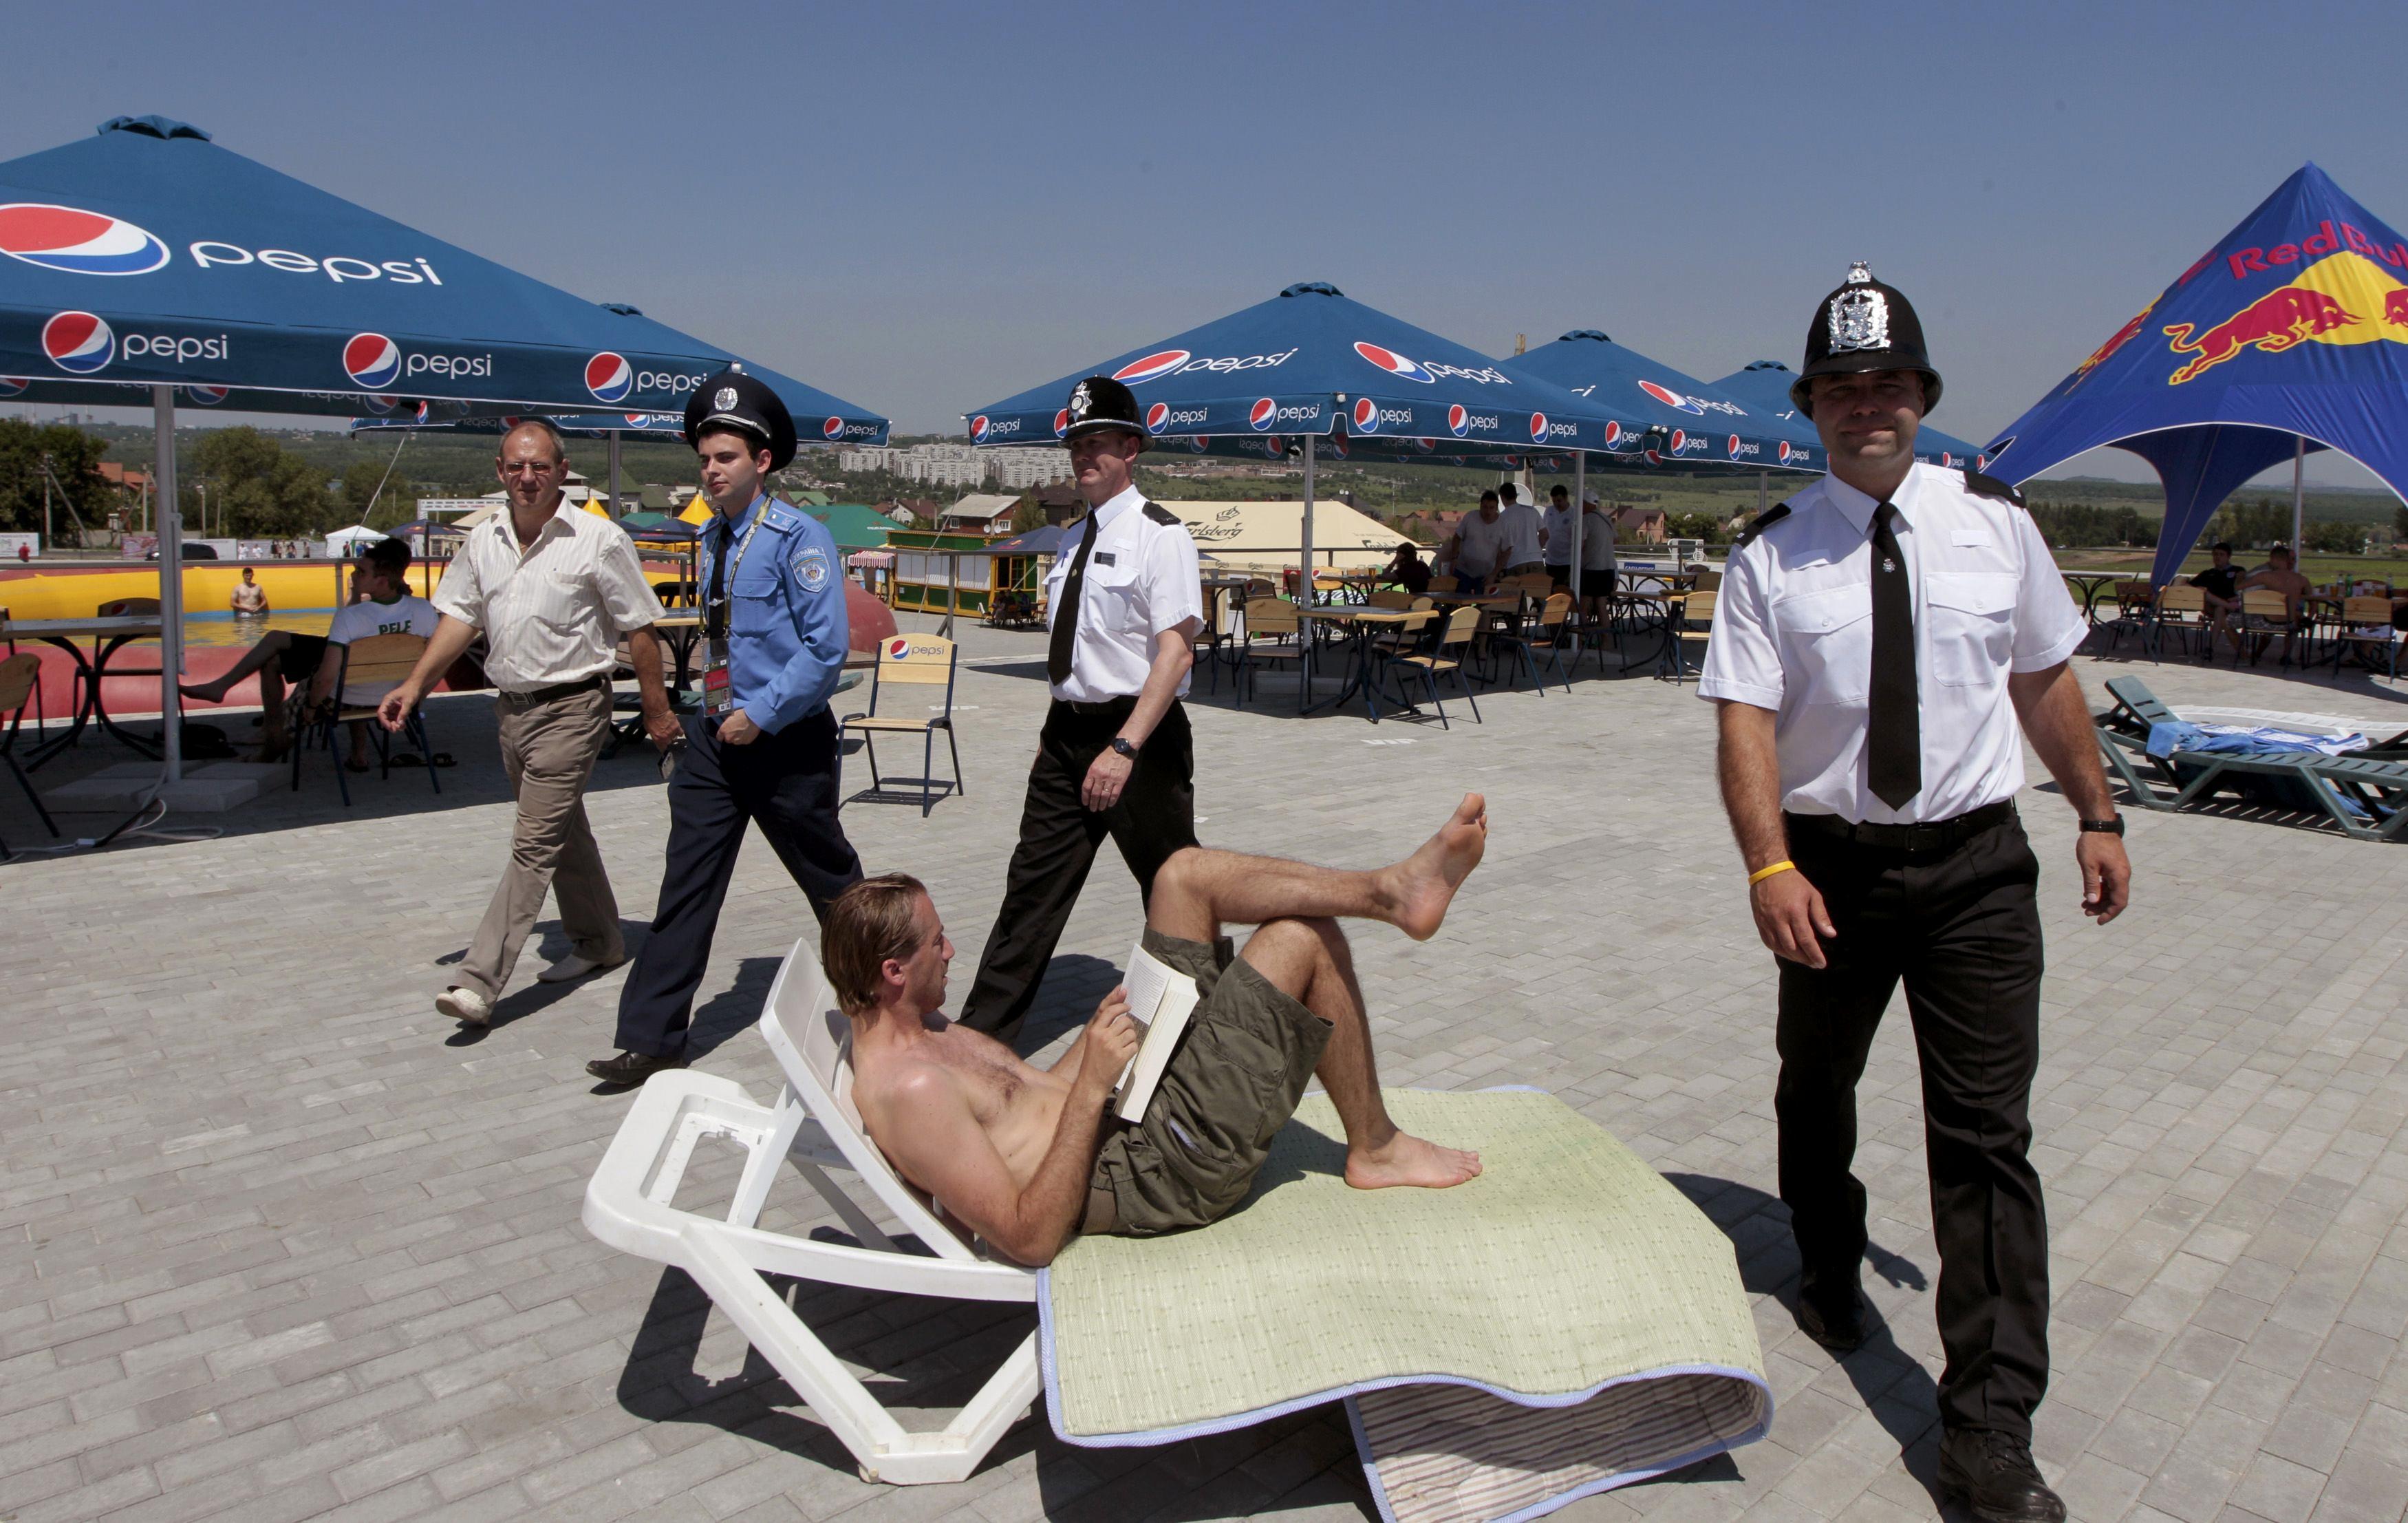 Бобби патрулируют кемпинг парк